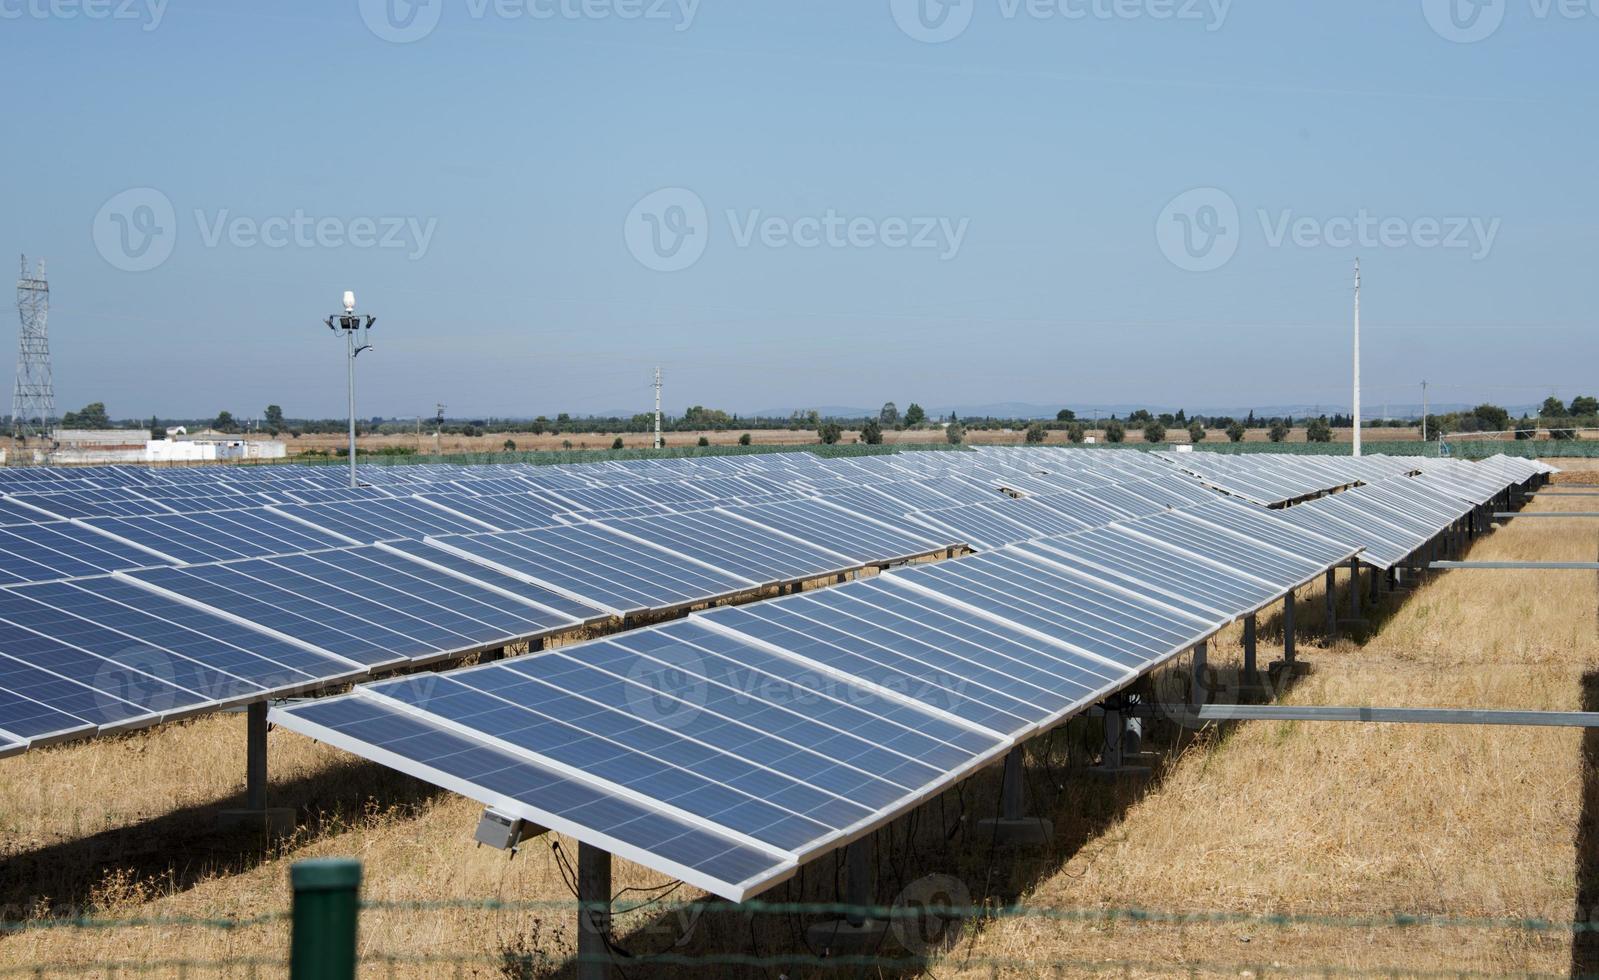 pannelli solari in Portogallo foto